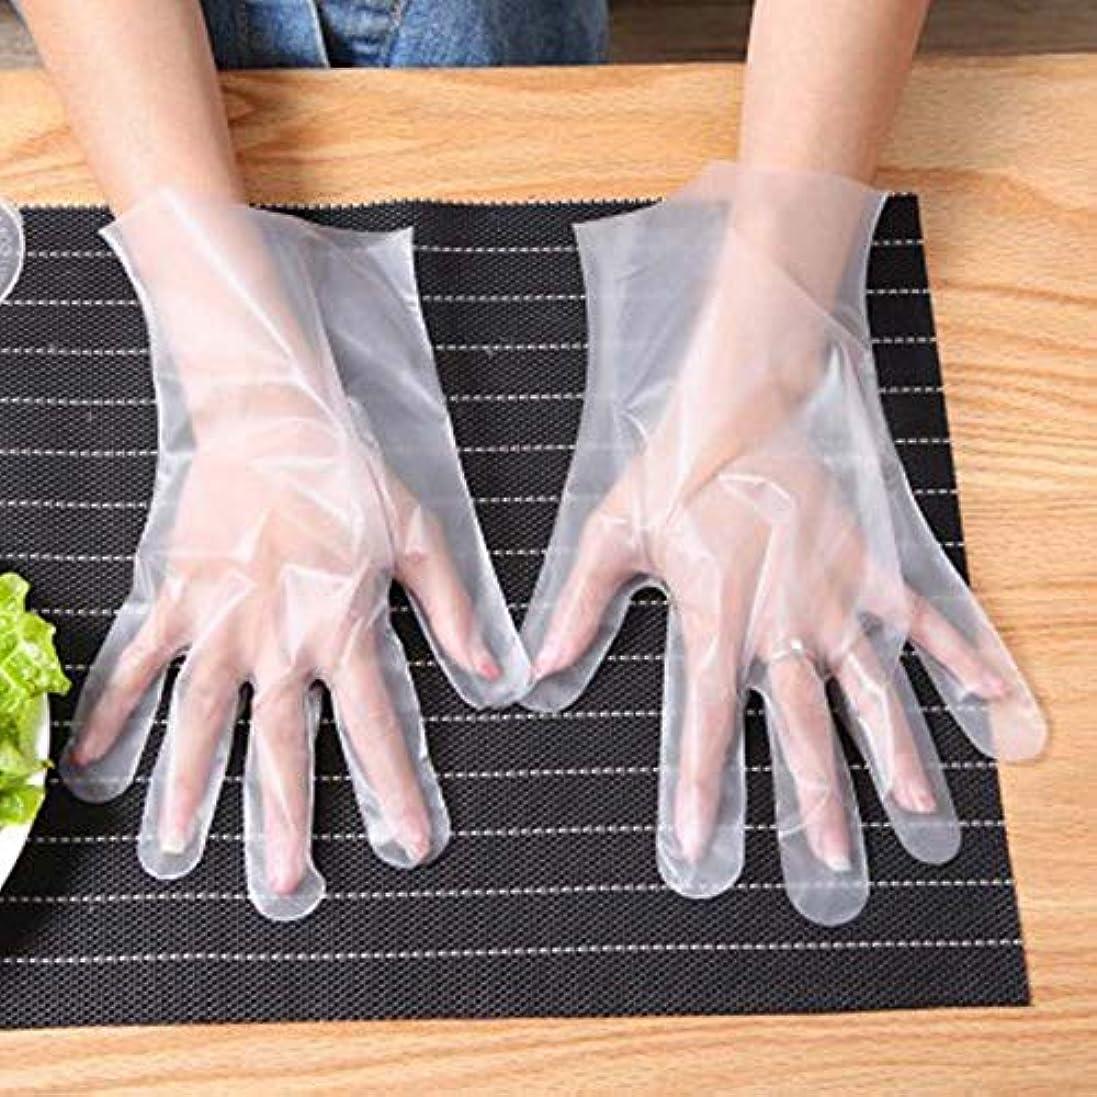 さまよう受け継ぐ私たちのもの使い捨て手袋 世帯 食べ物 ケータリングキッチン 厚くする プラスチック透明 グローブ 個別にパッケージ化されたCPE 100 /箱